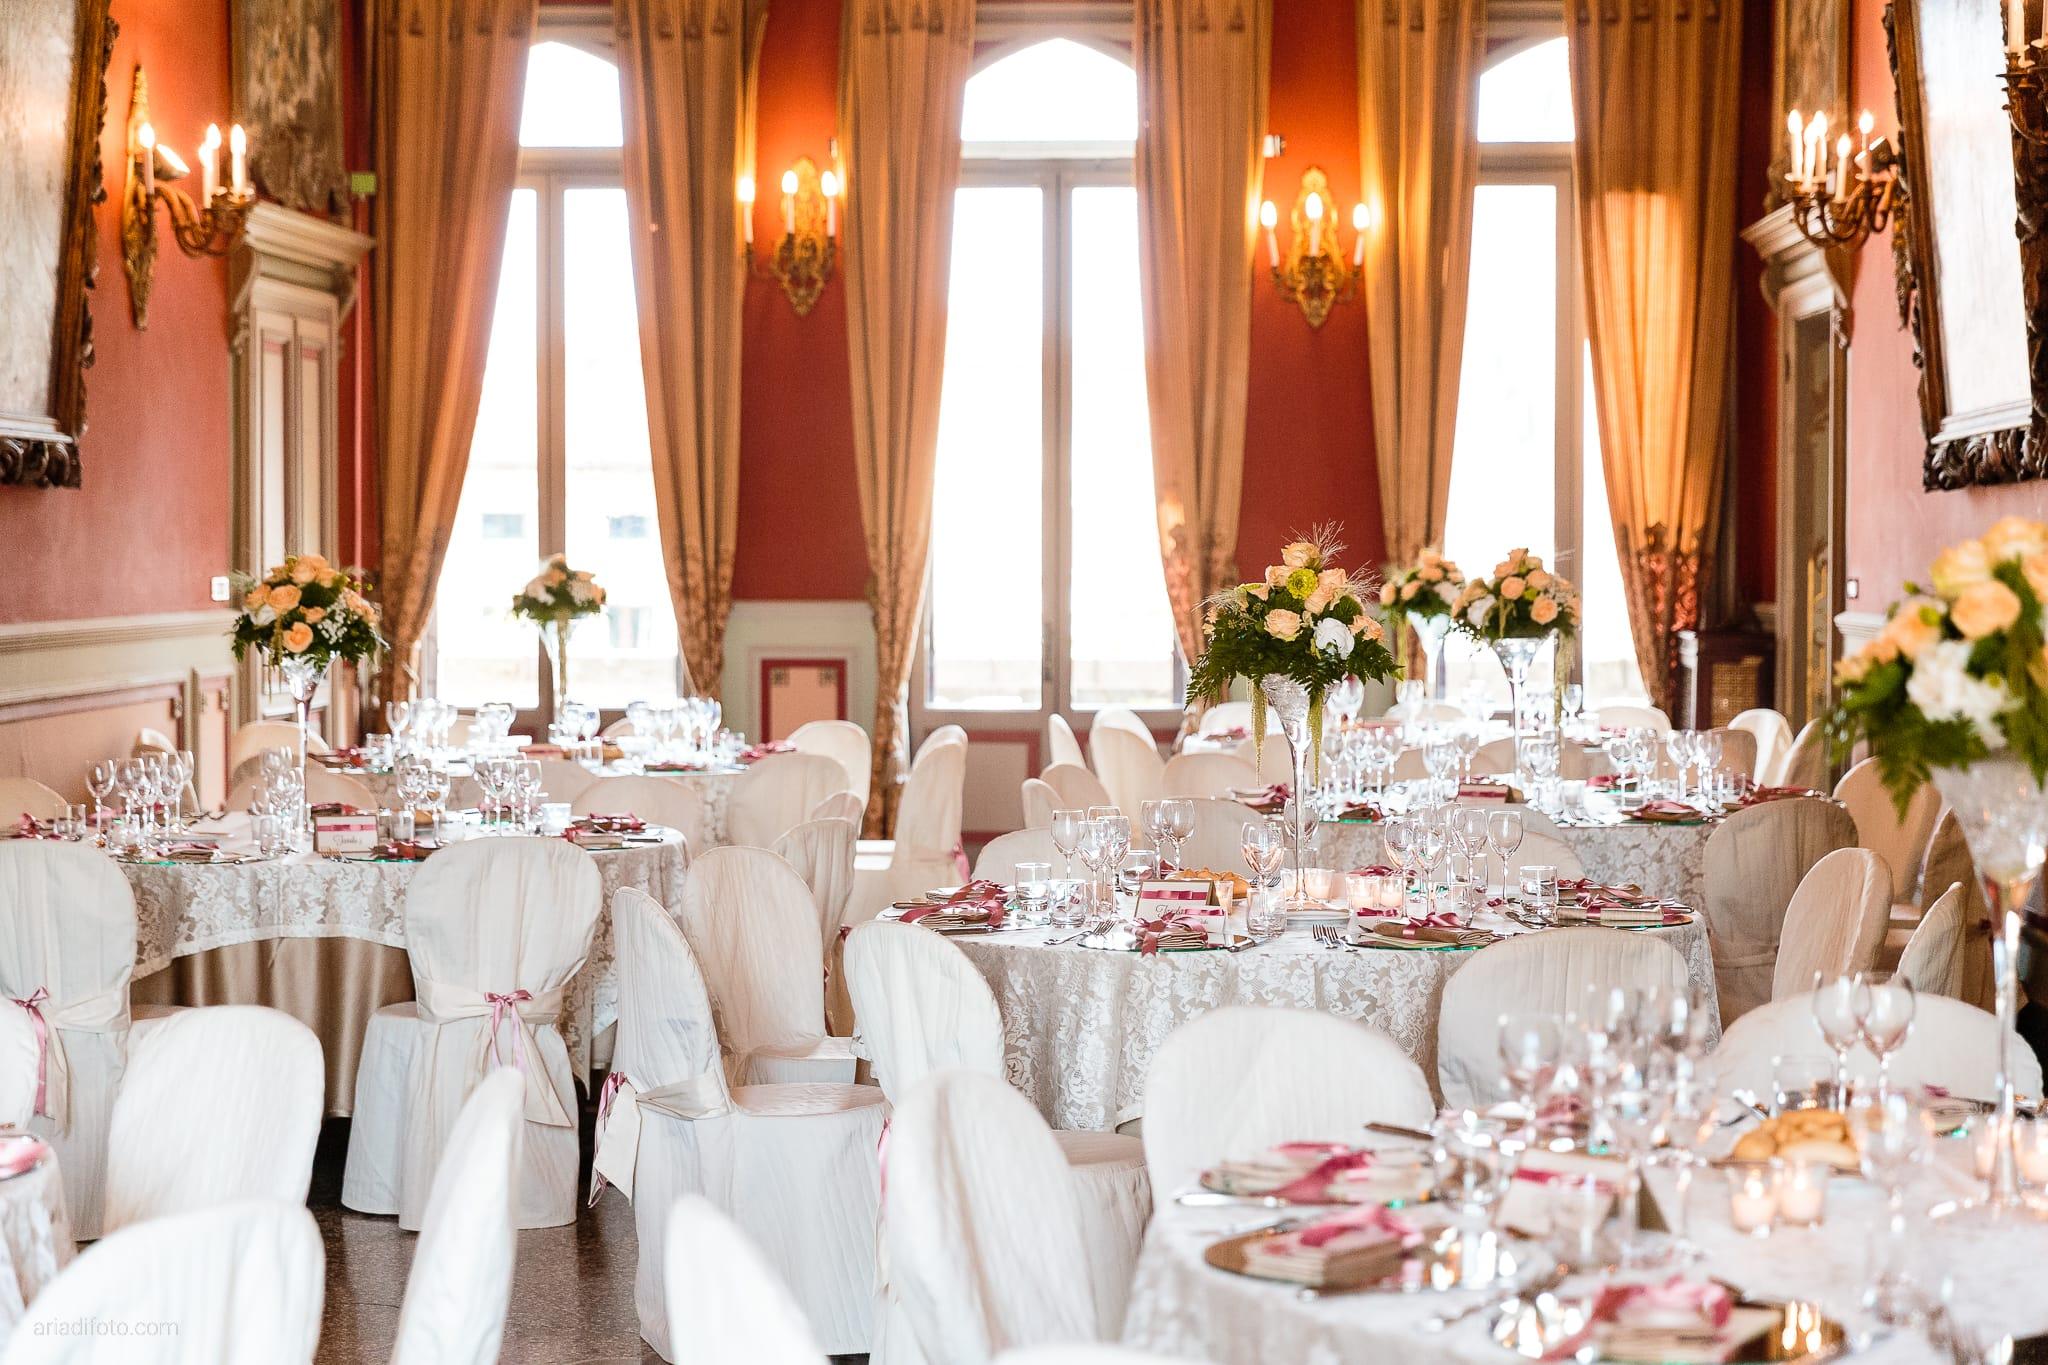 Eleonora Andrea Matrimonio Castello Papadopoli Giol San Polo Piave Treviso ricevimento dettagli sala decorazioni allestimenti